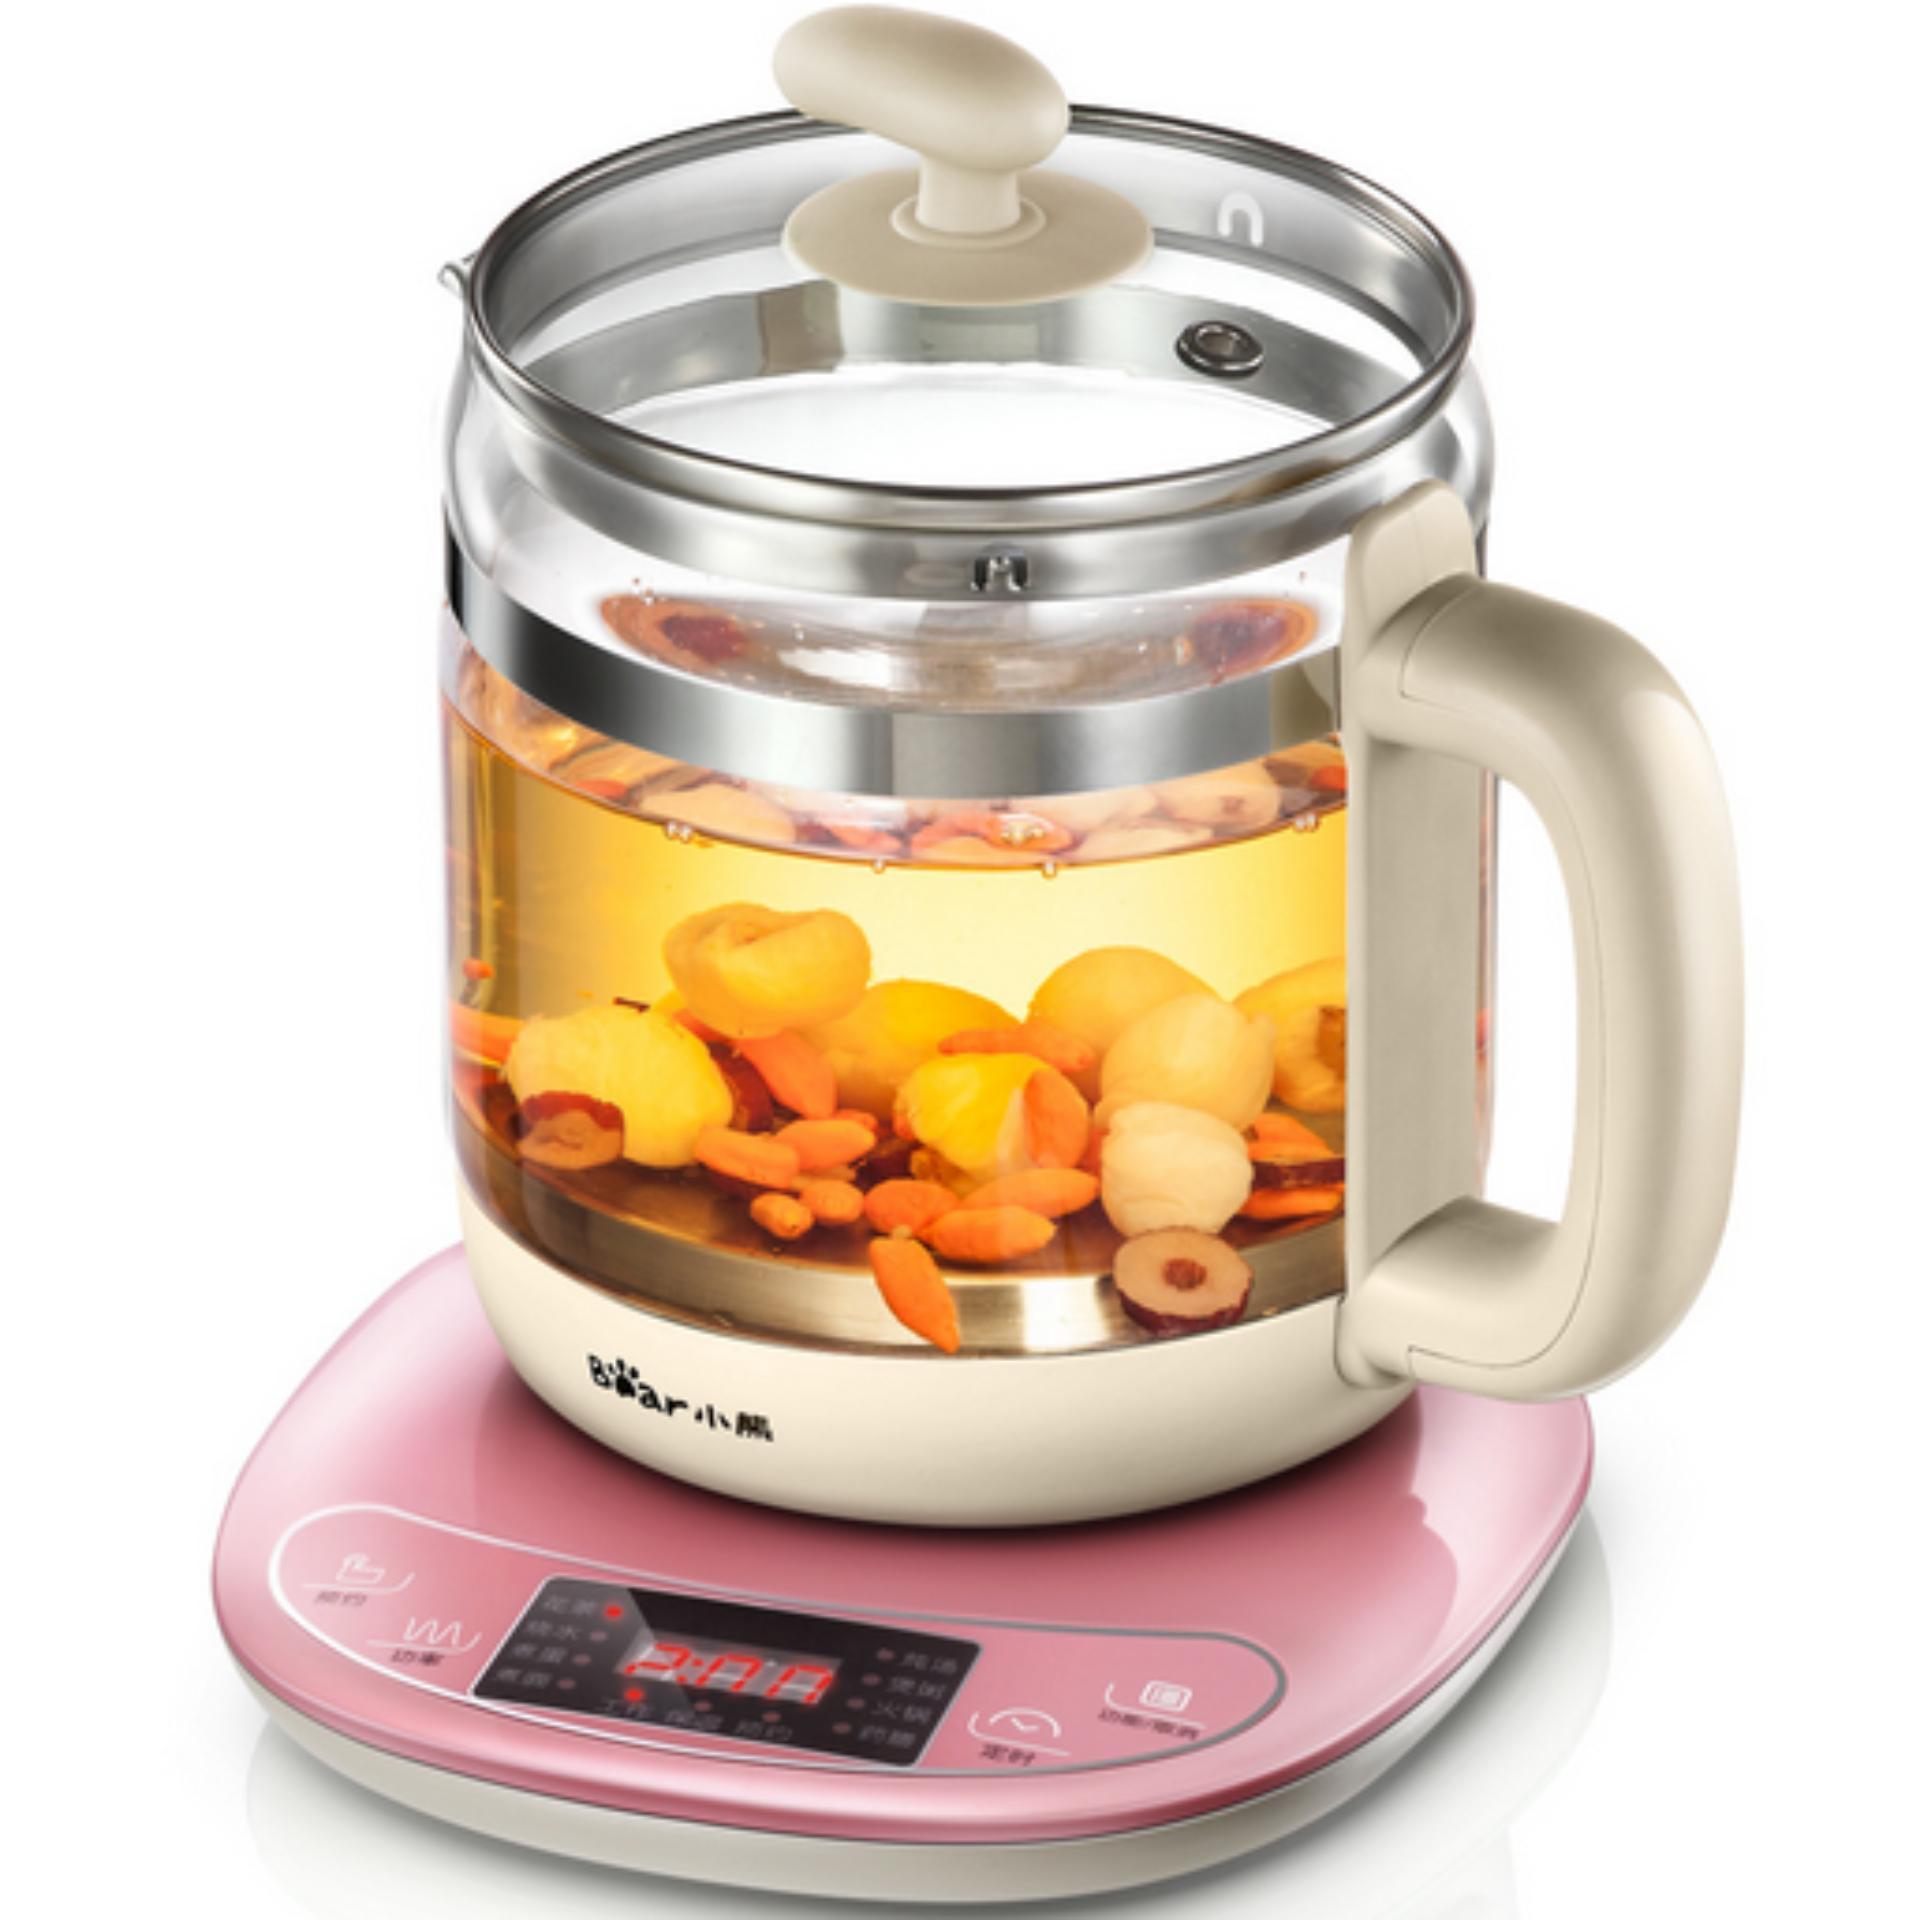 Beli Bear Ysh B18W 1 5L Multifungsi Kesehatan Cerdas Pot Blush Pink Intl Online Tiongkok